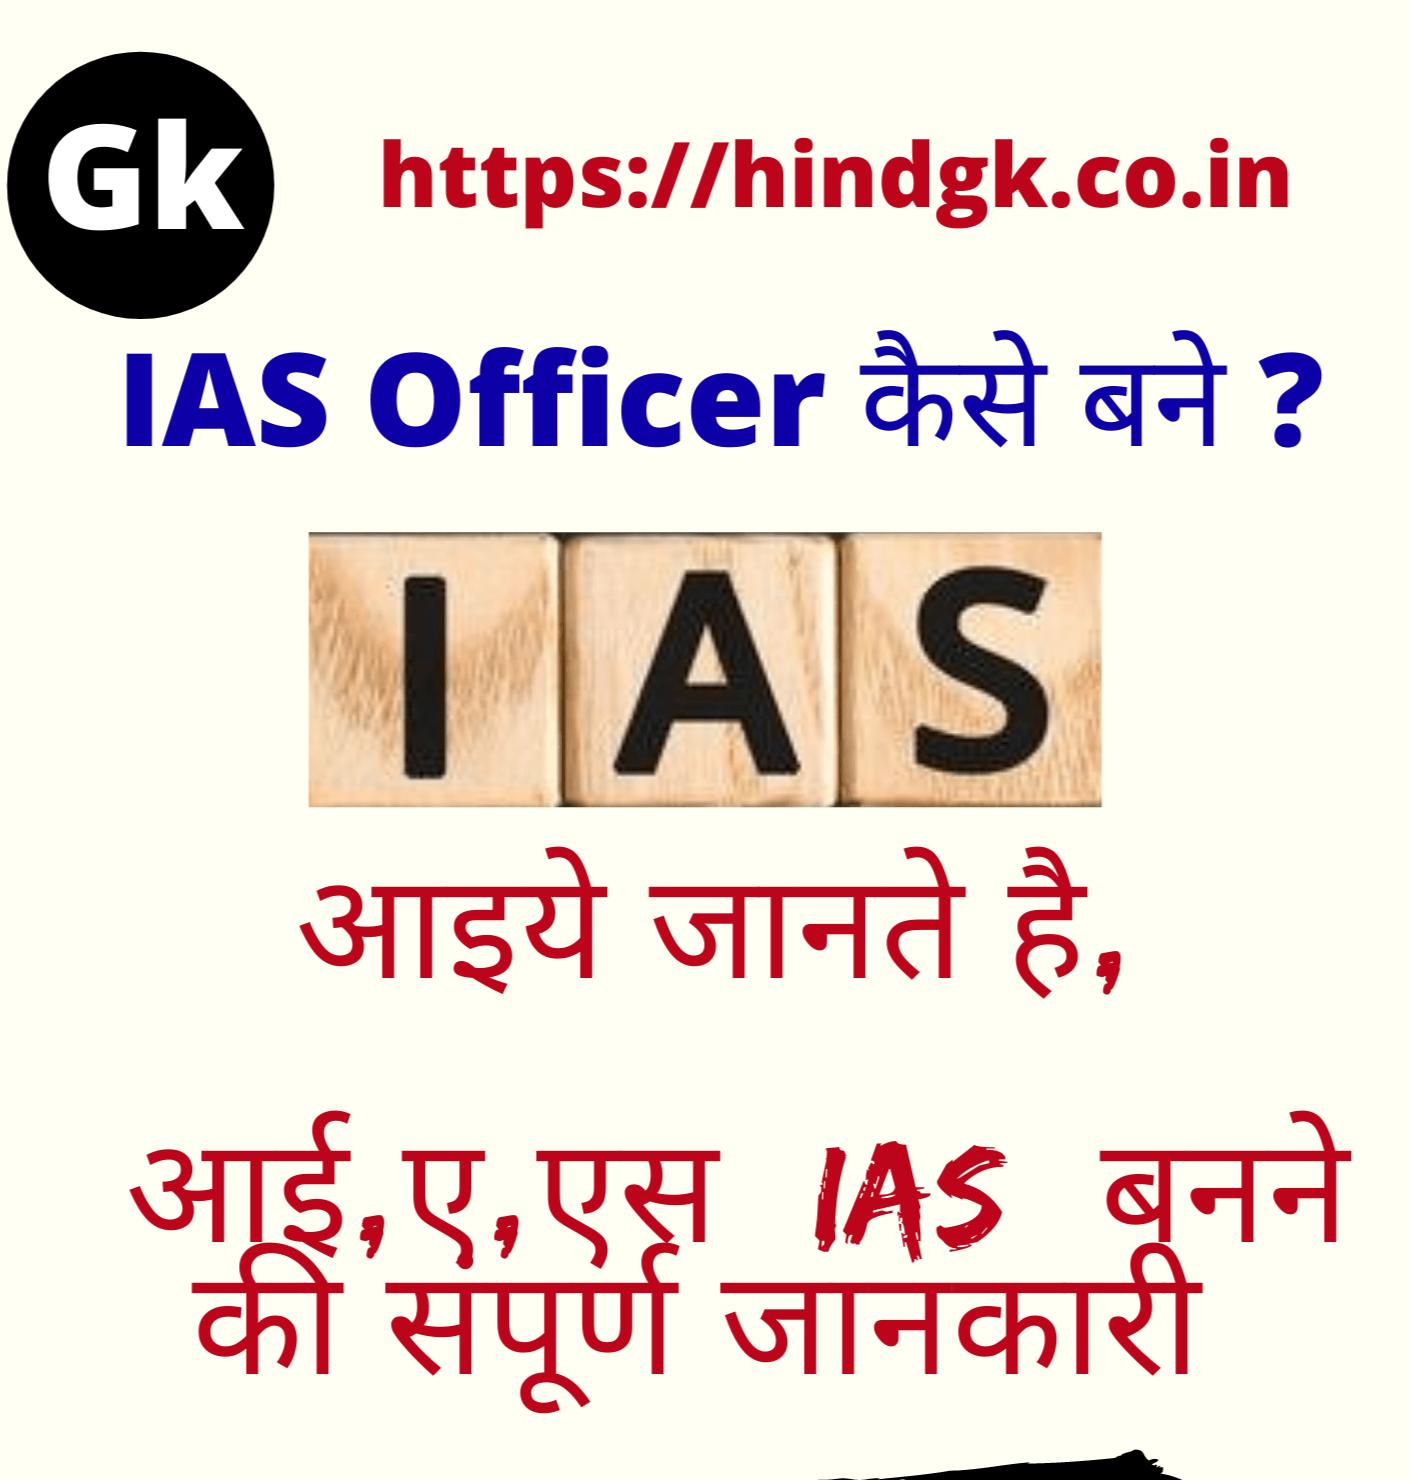 IAS Officerकैसे बने ? आइये जानते है, आई ए एस (IAS) बनने की संपूर्ण जानकारी